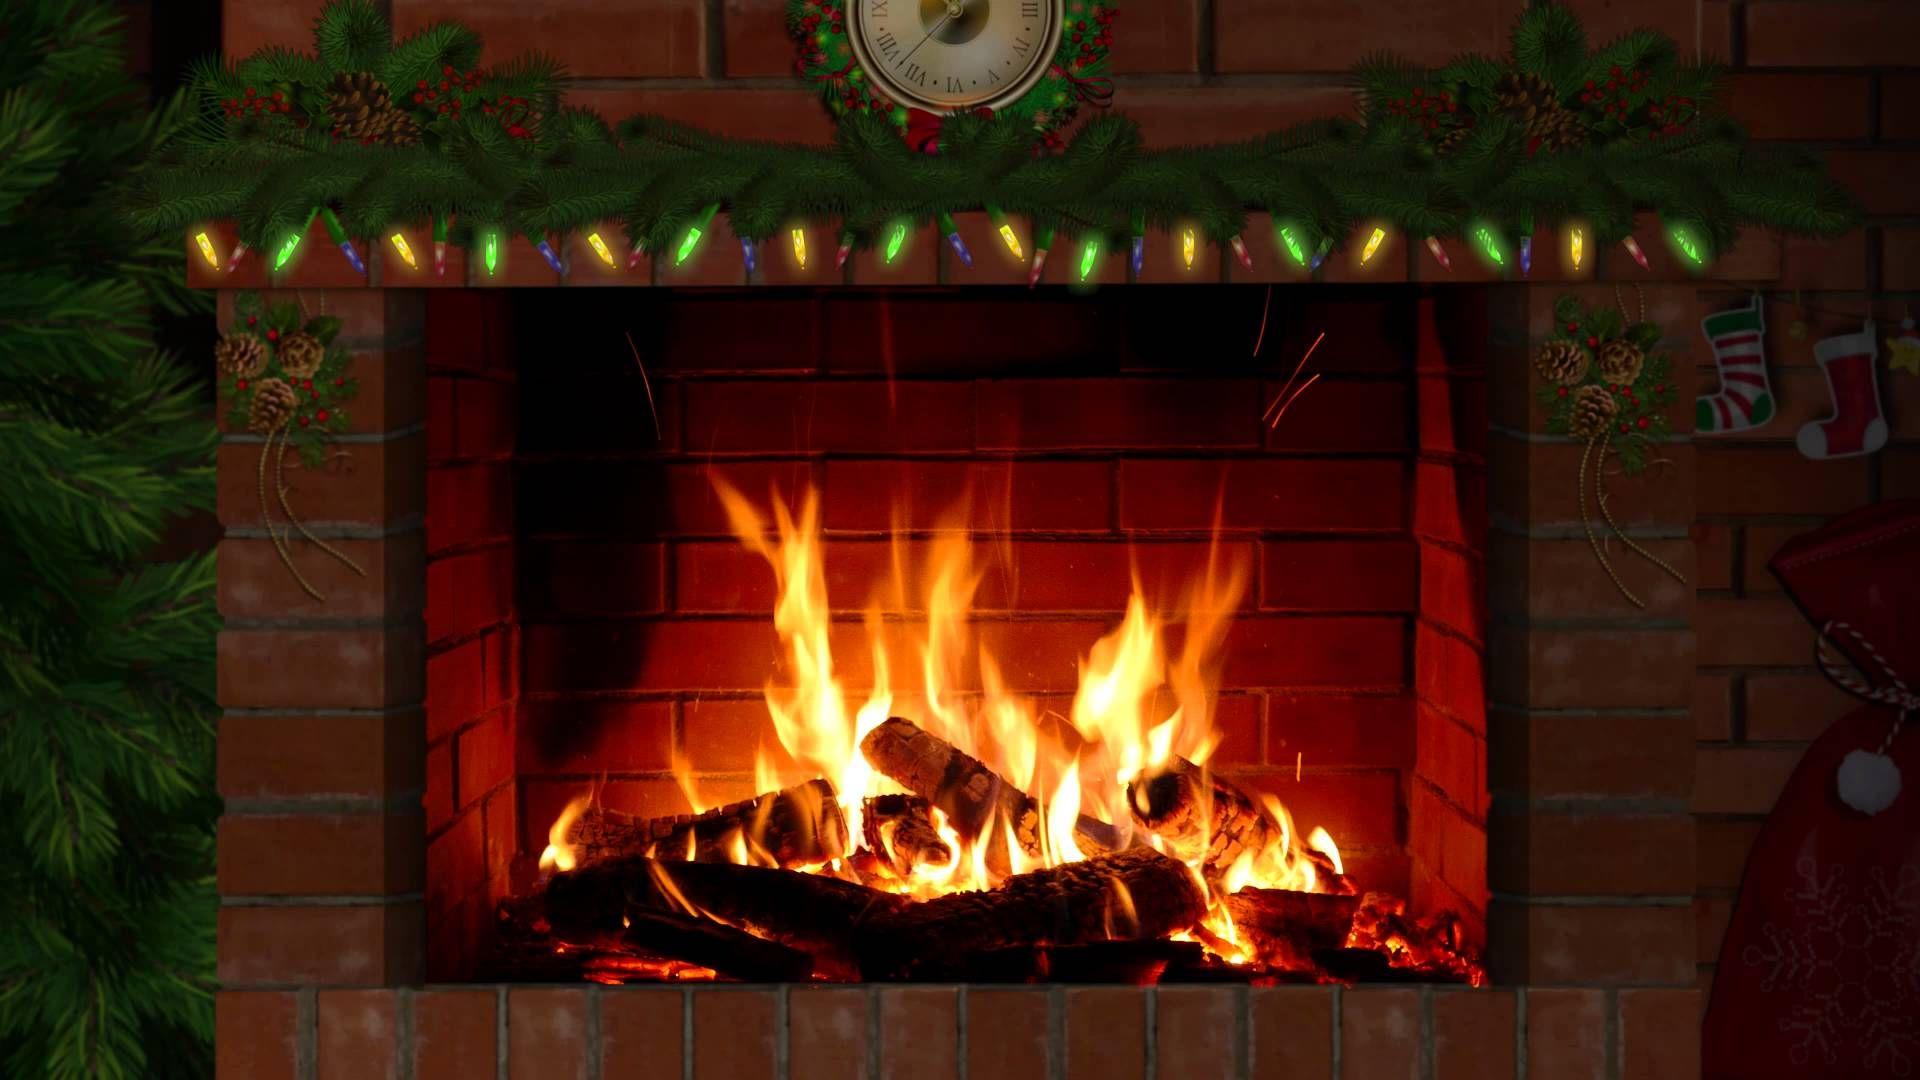 чаепитие картинка новогоднего камина с огнем в большом формате больше больше людей